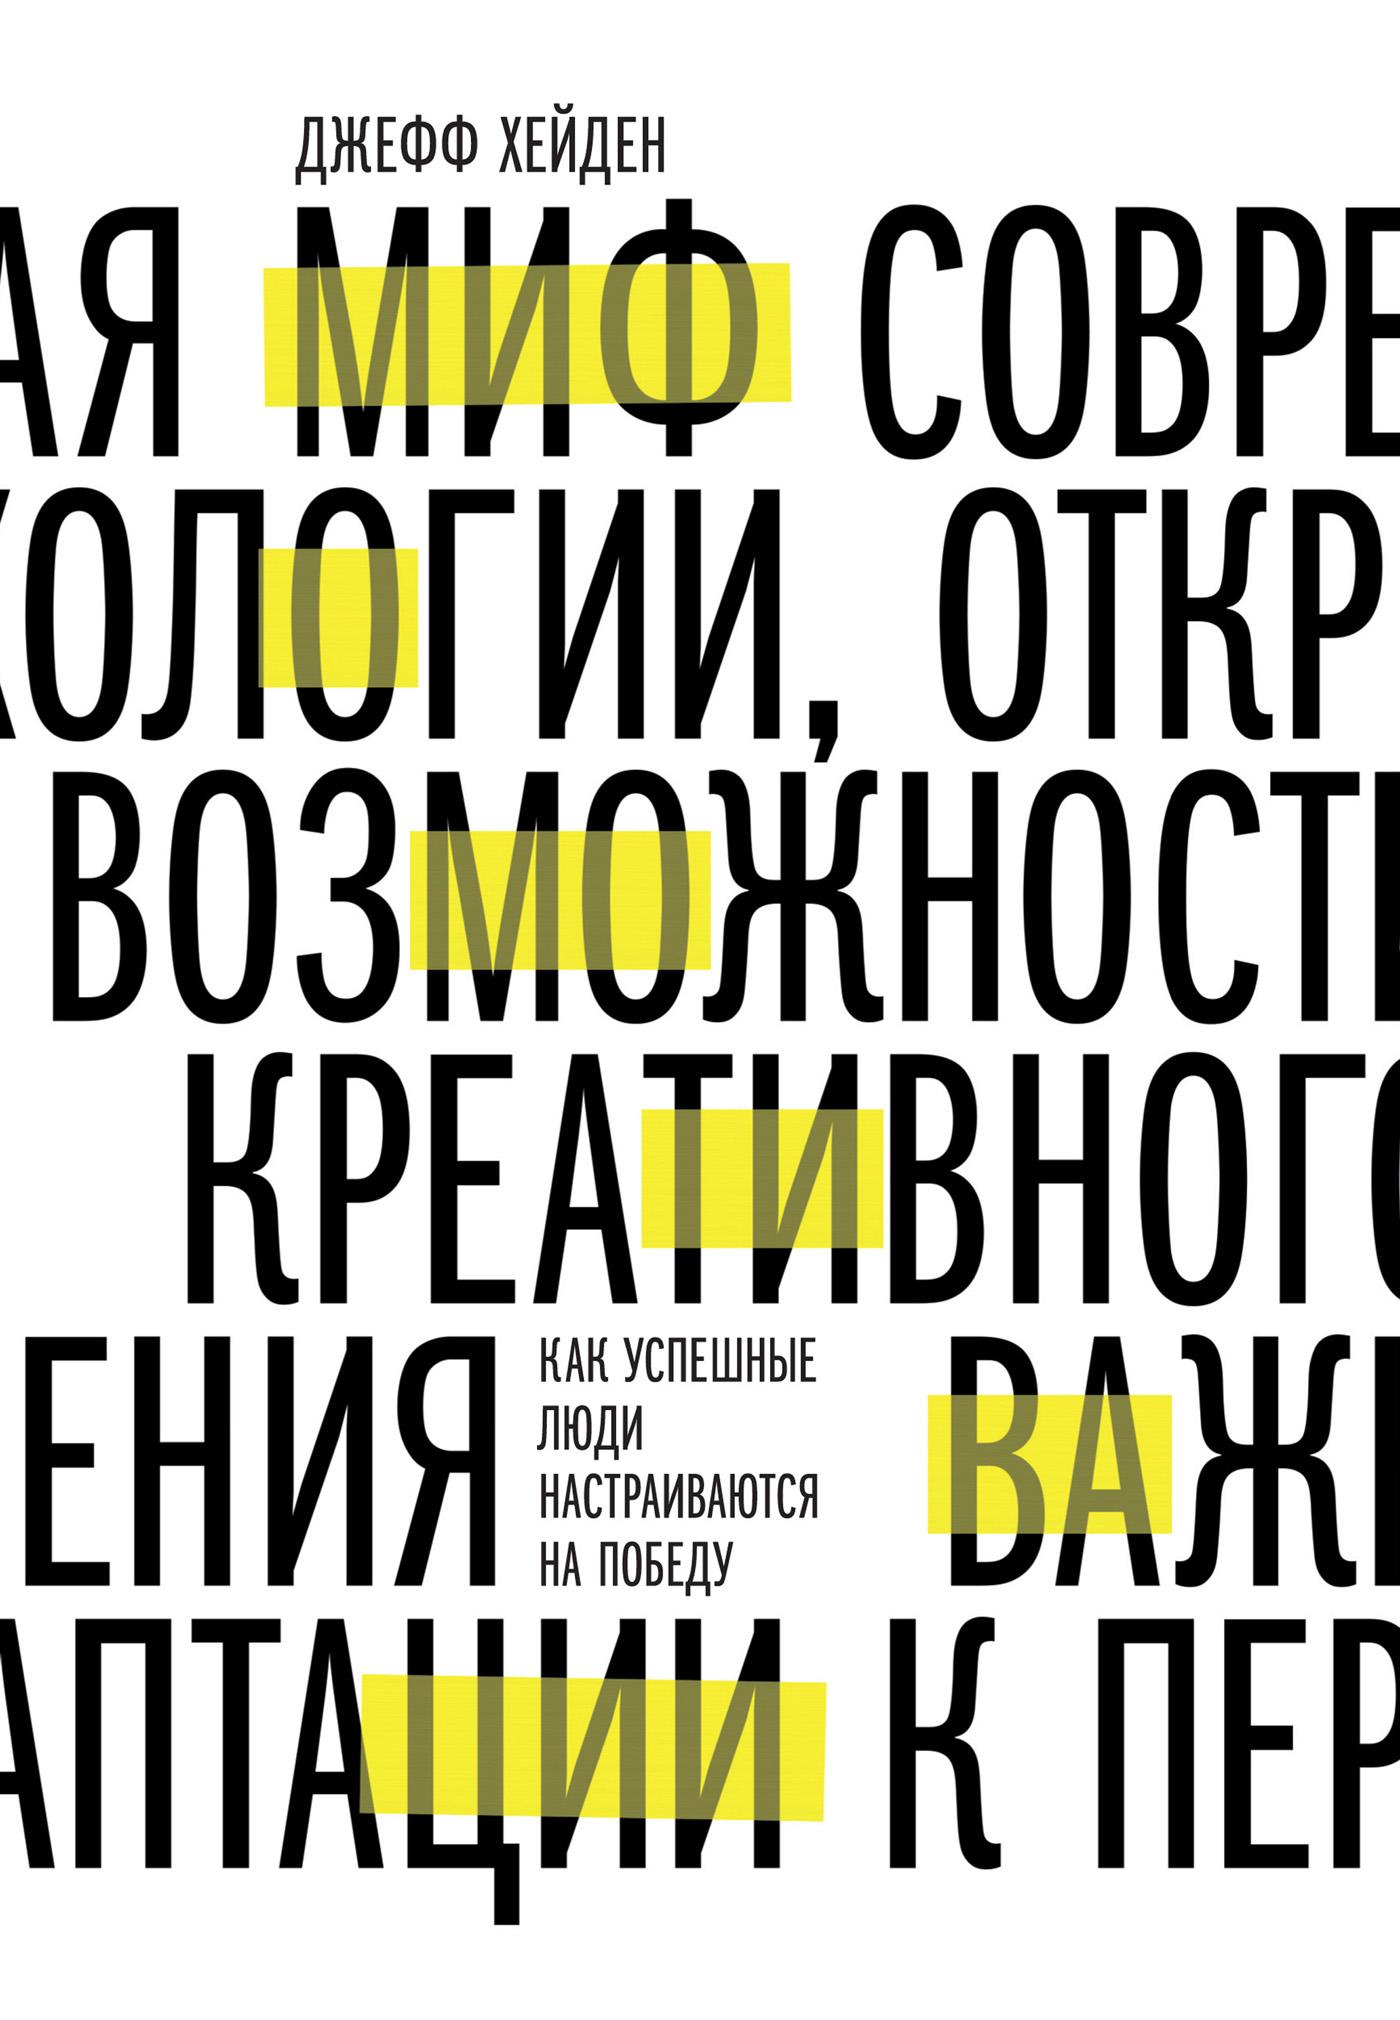 Обложка книги Миф о мотивации. Как успешные люди настраиваются на победу